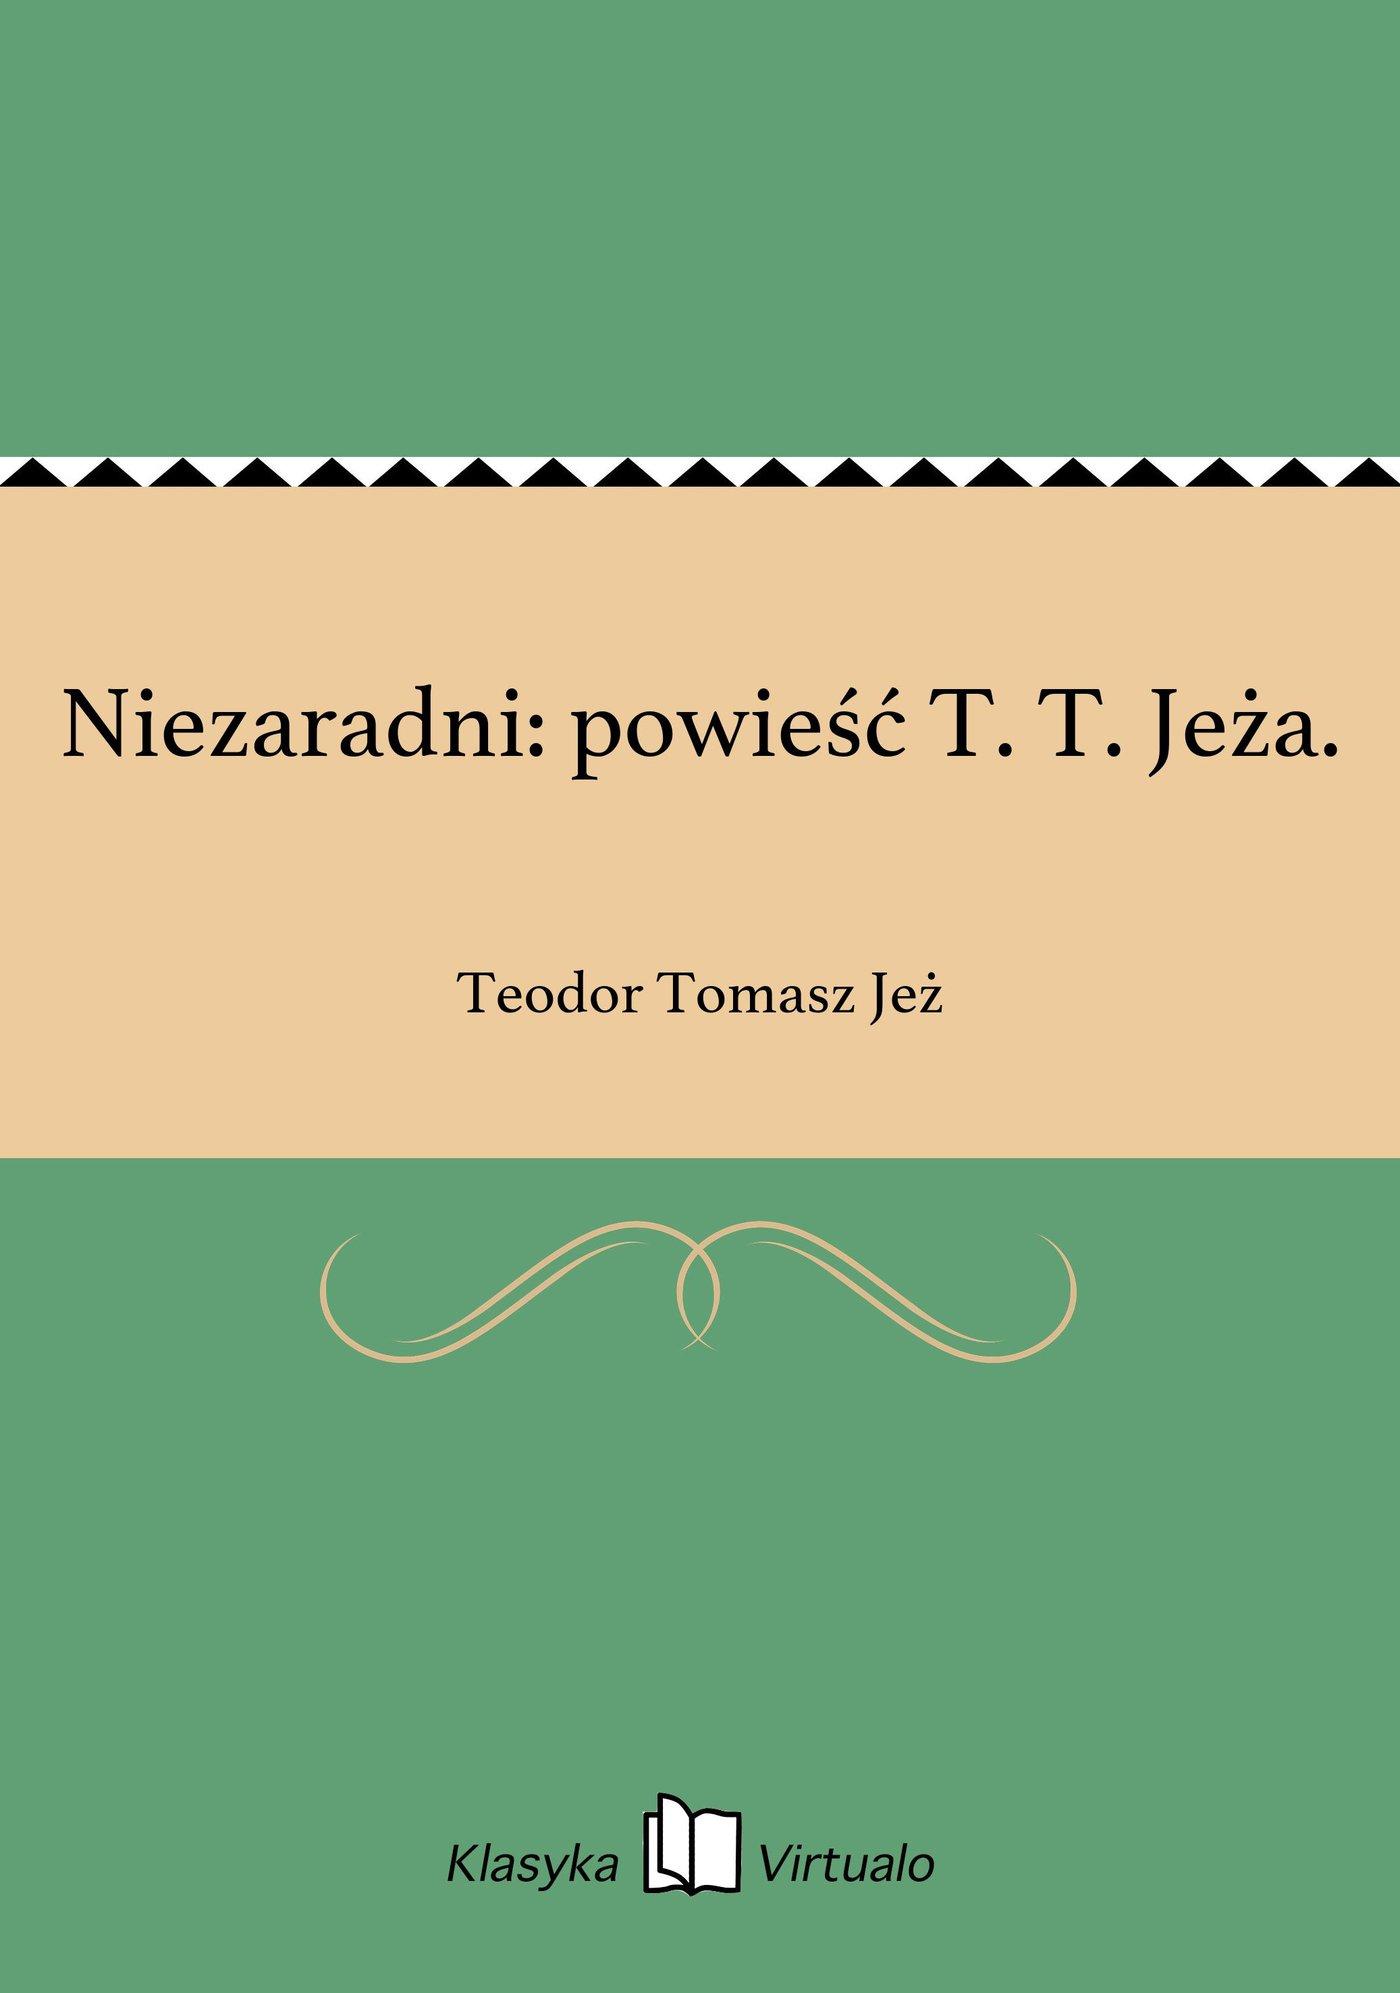 Niezaradni: powieść T. T. Jeża. - Ebook (Książka EPUB) do pobrania w formacie EPUB